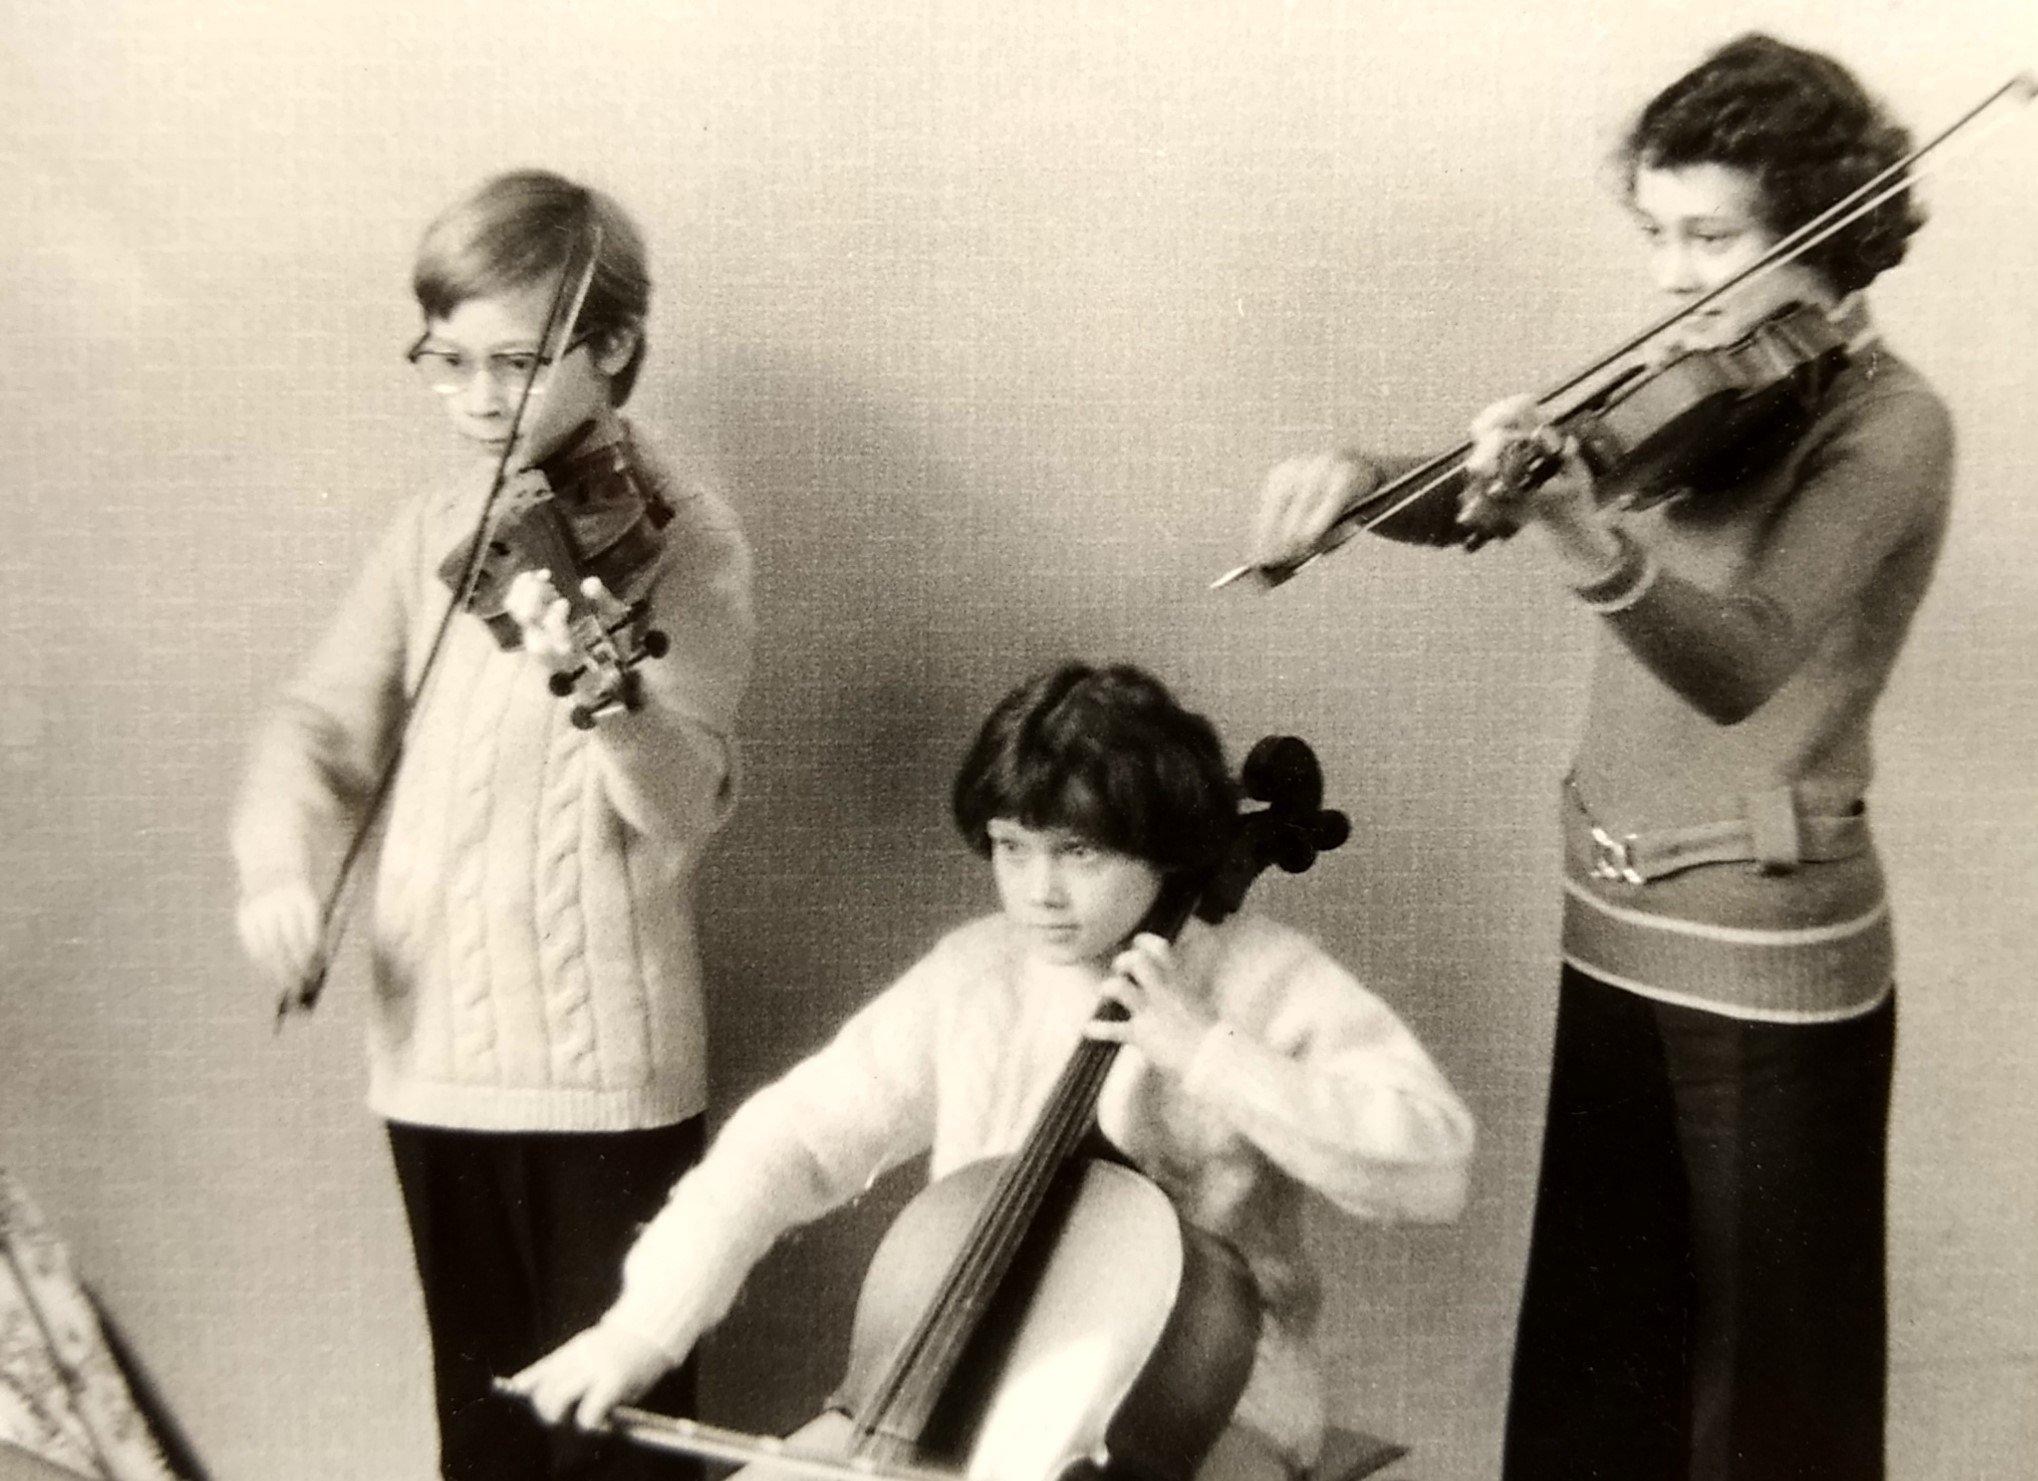 ...sie spielte Cello...